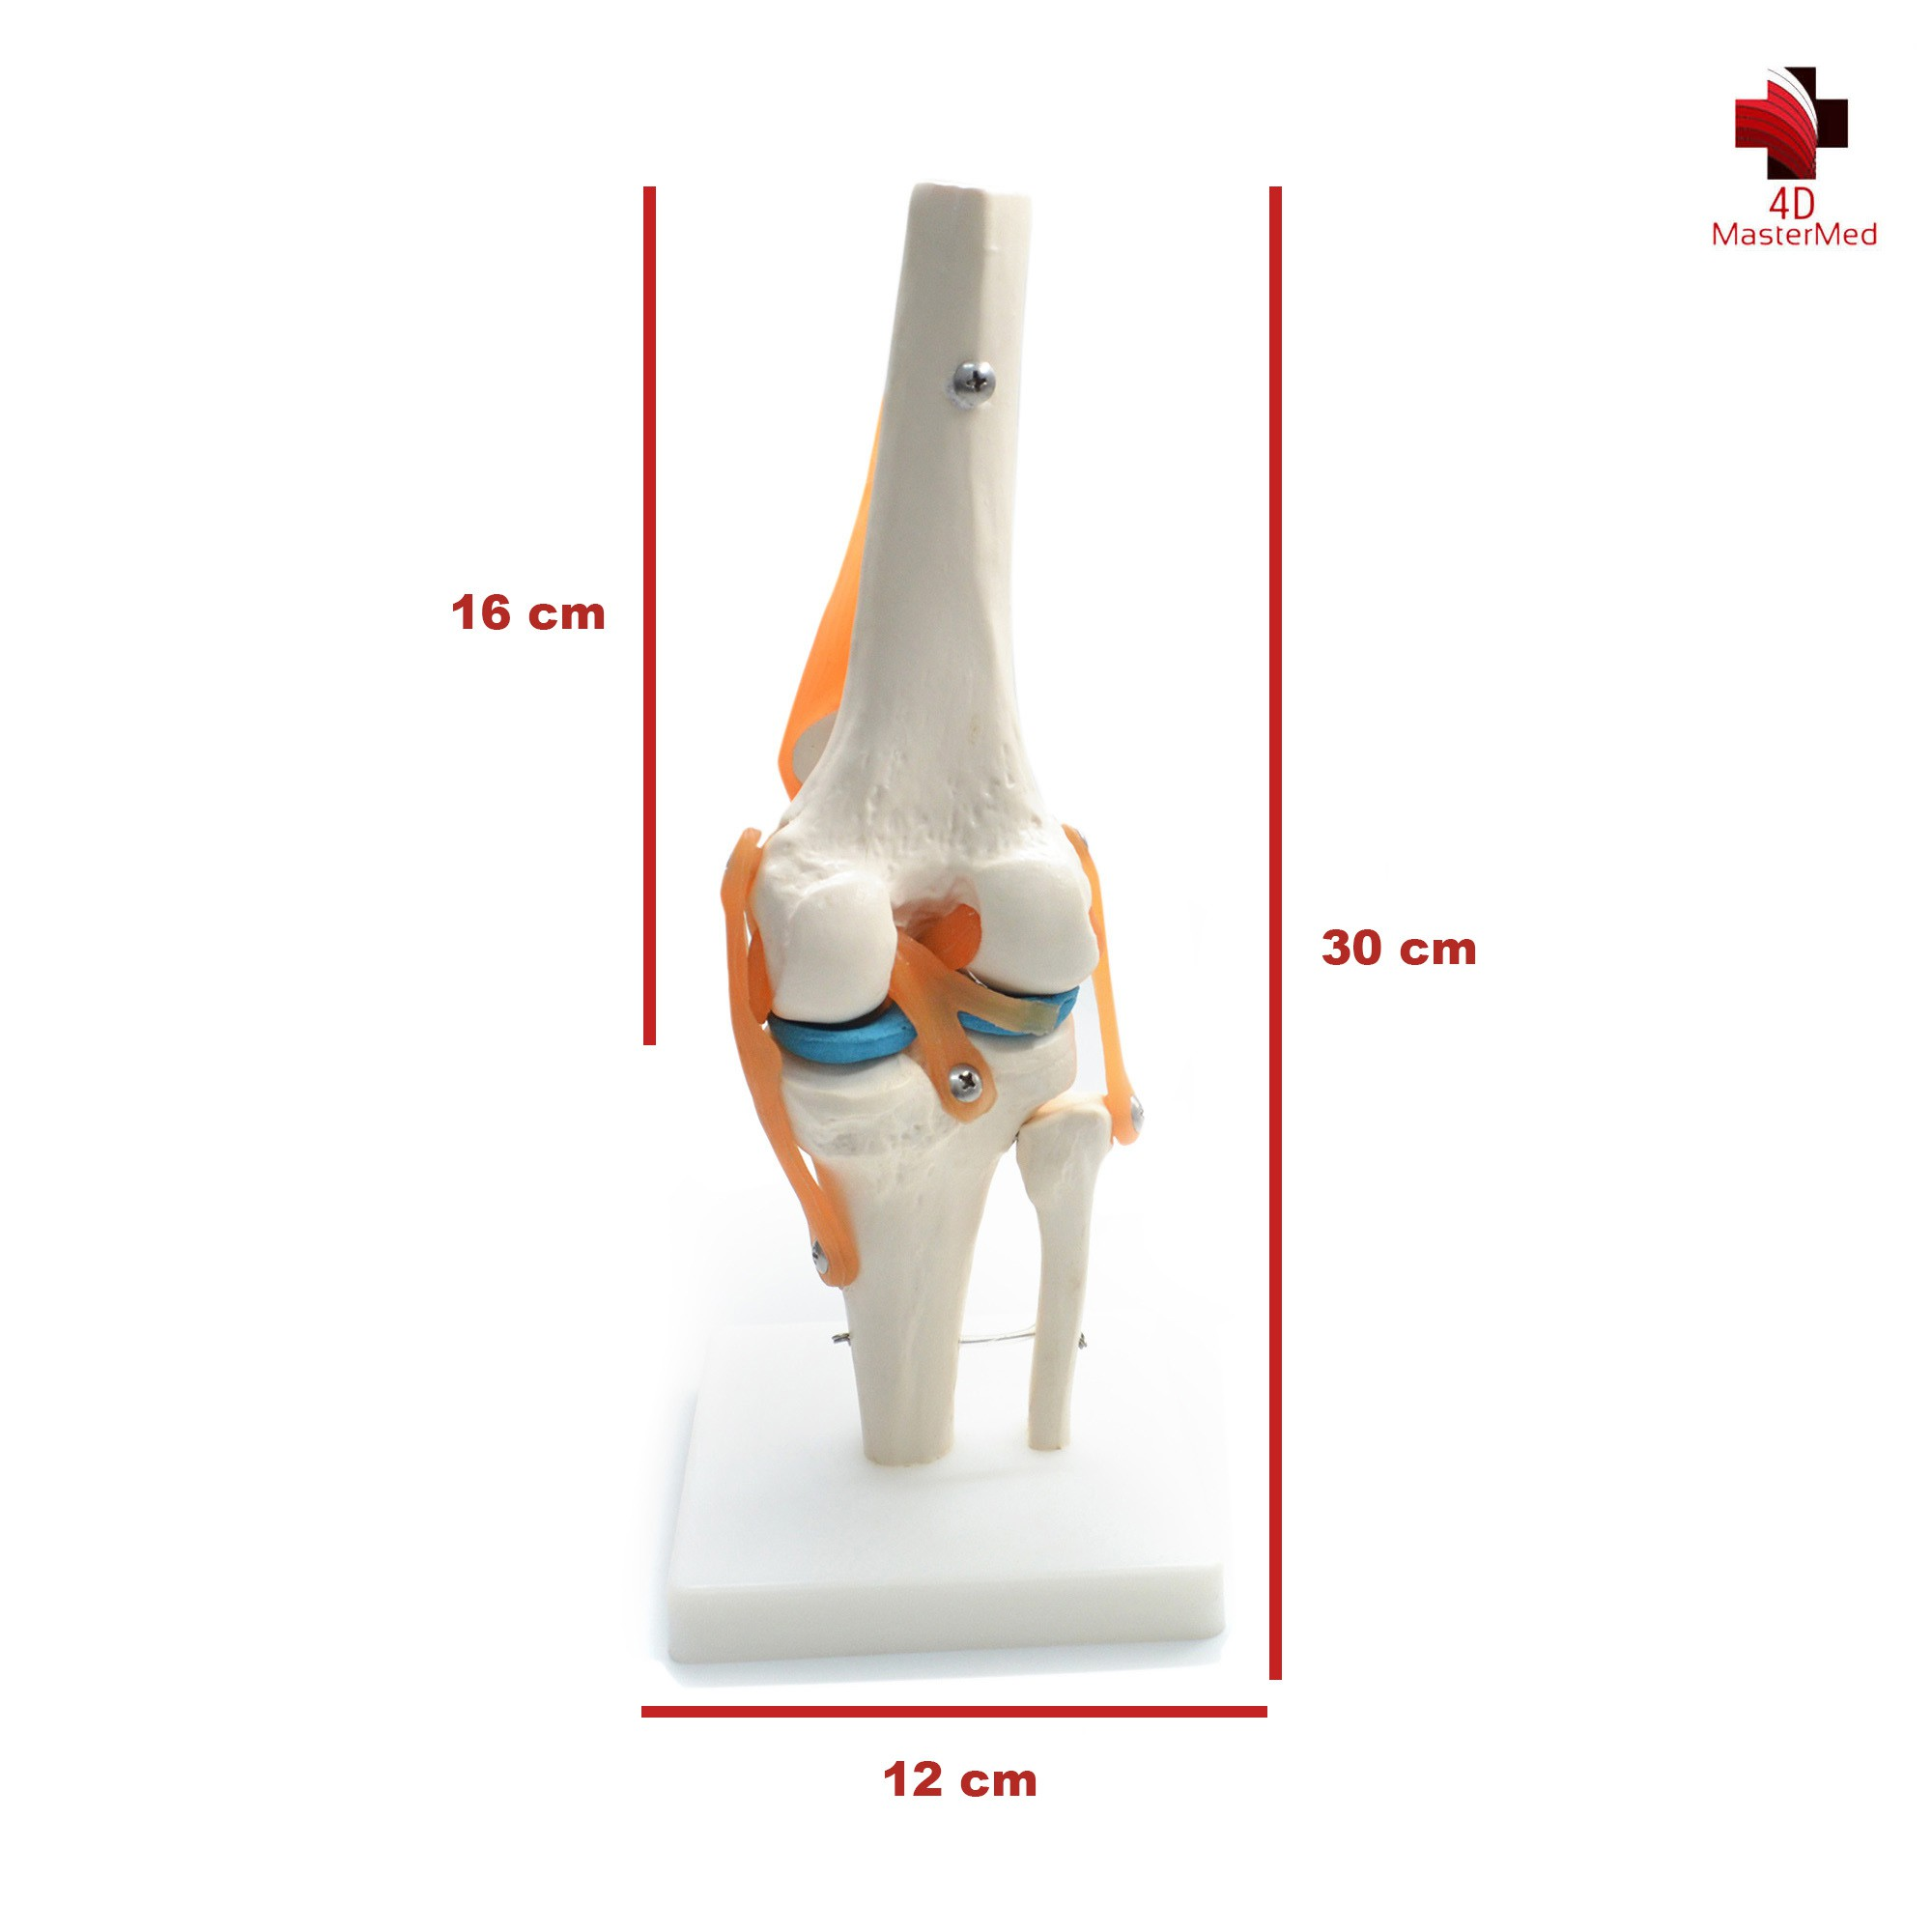 Anatomia da Articulação Joelho com Ligamentos